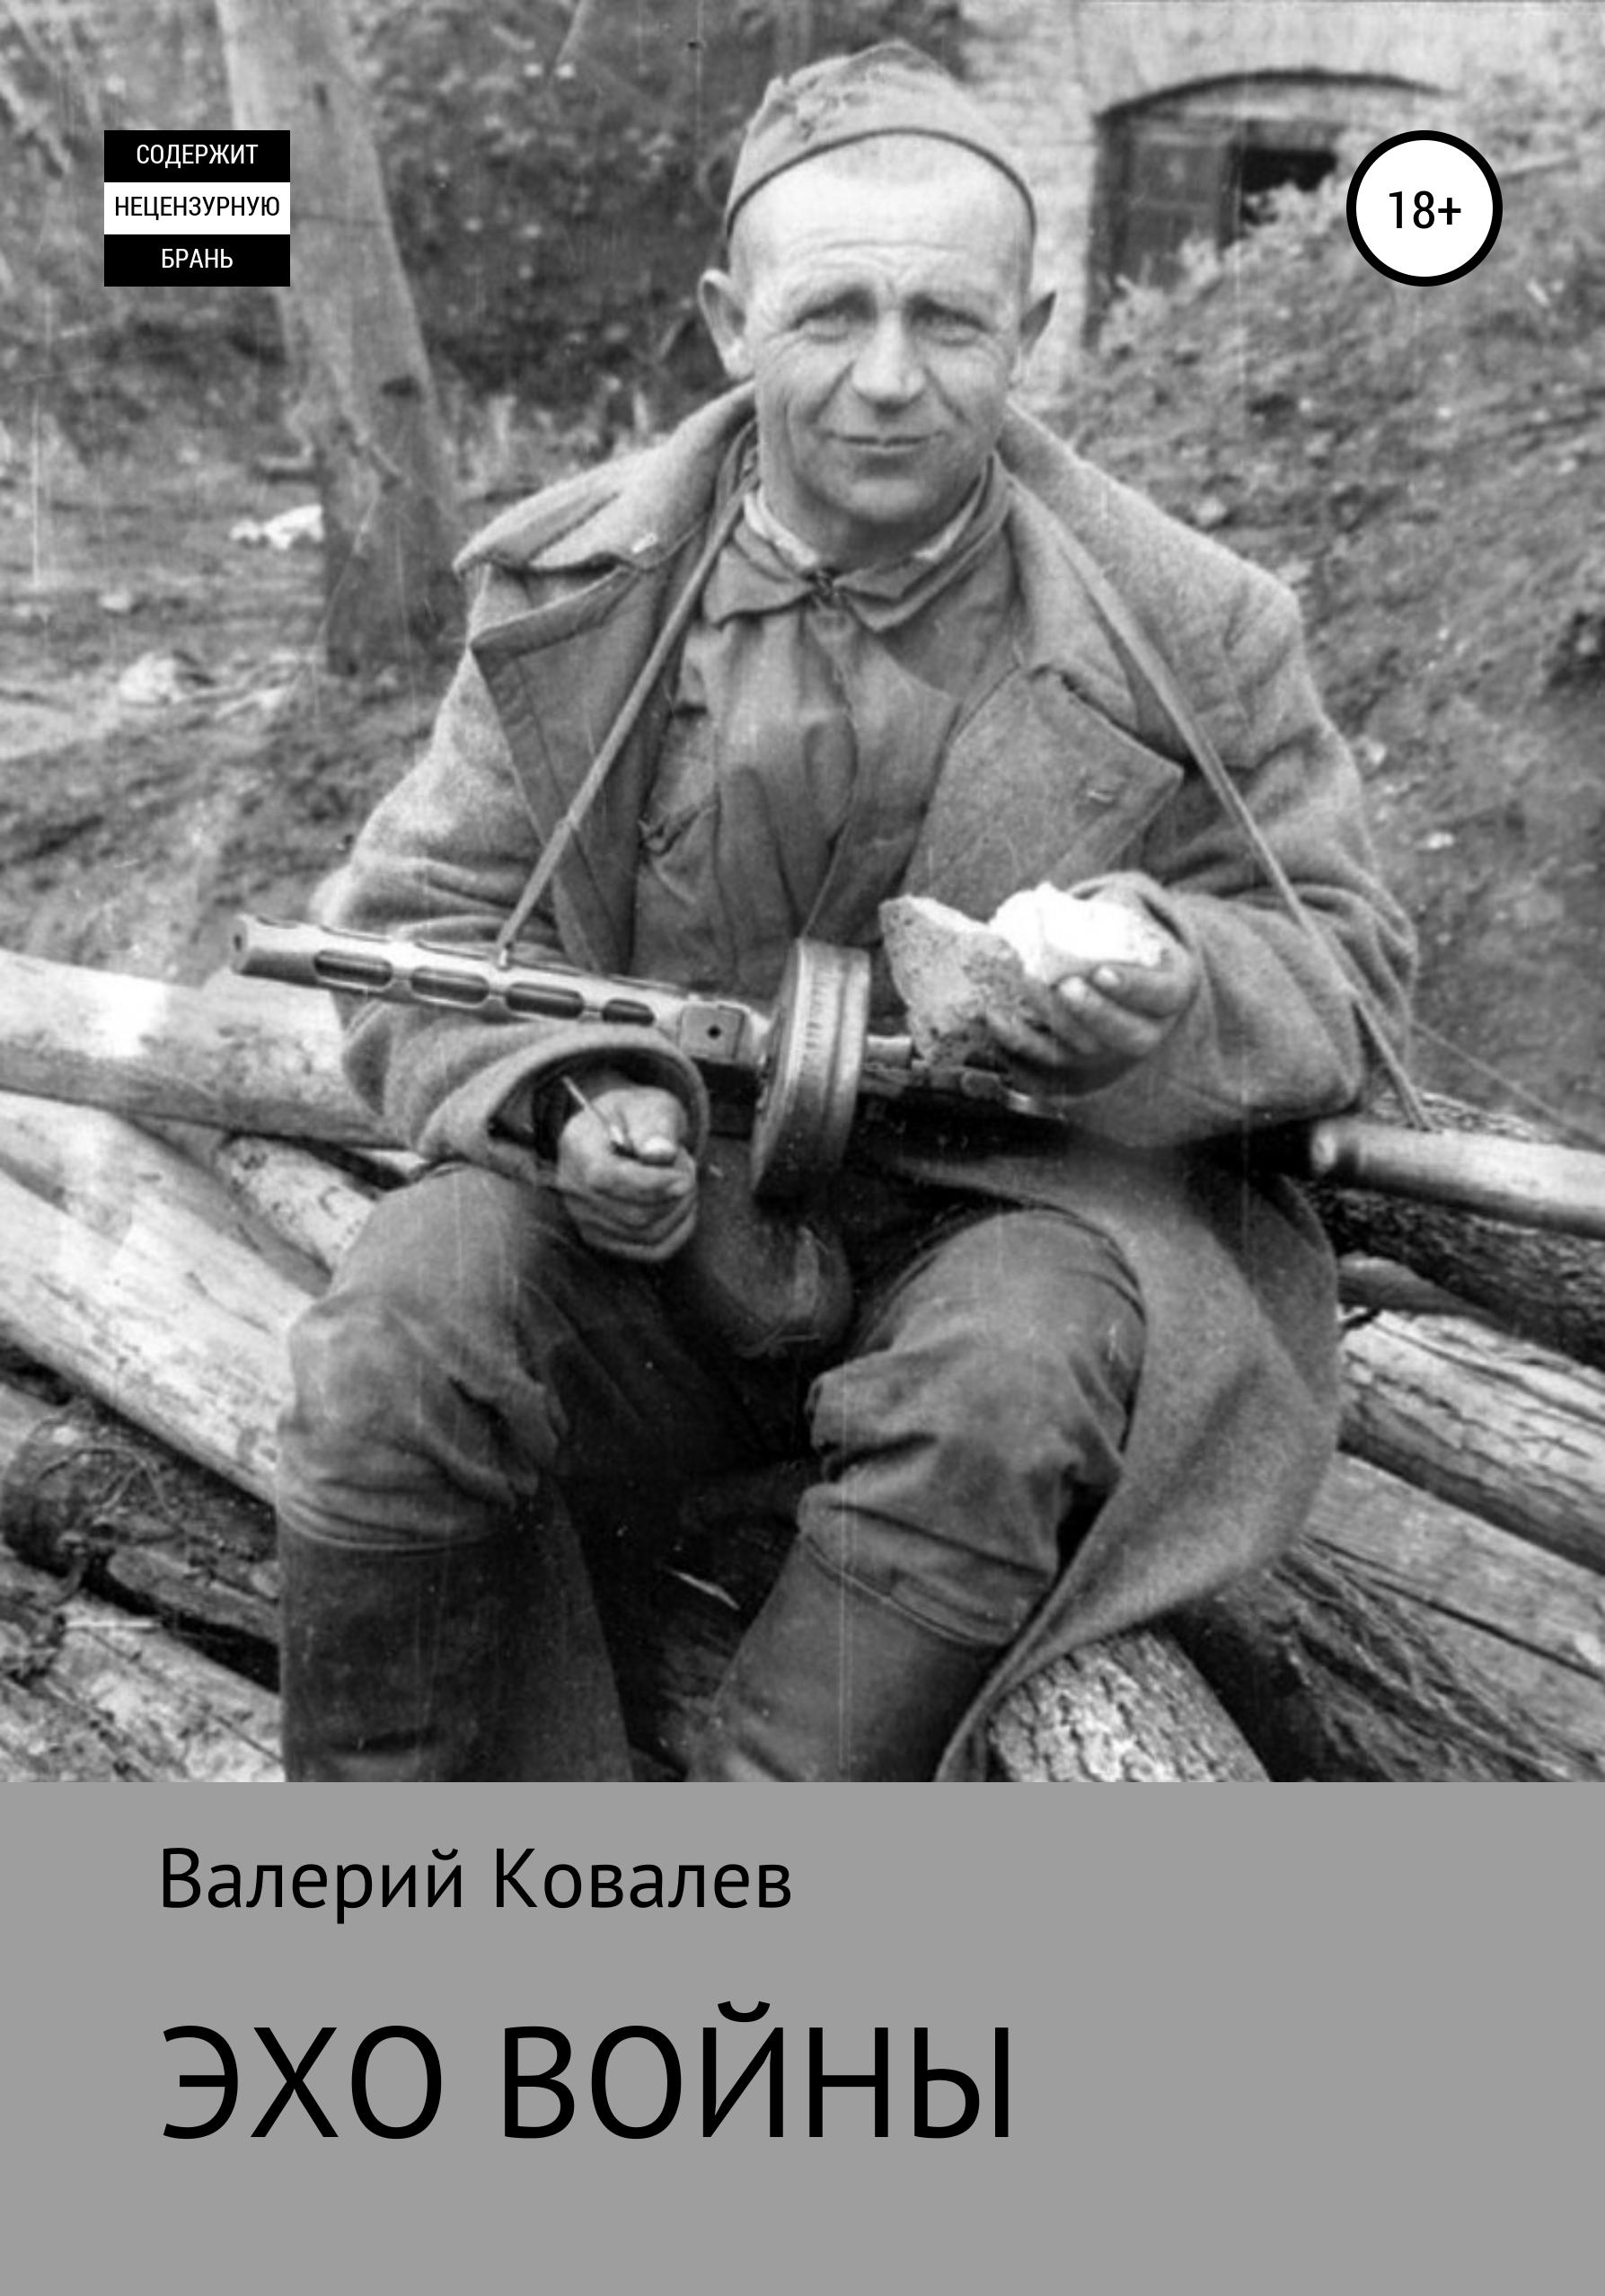 Купить книгу Эхо войны, автора Валерия Николаевича Ковалева